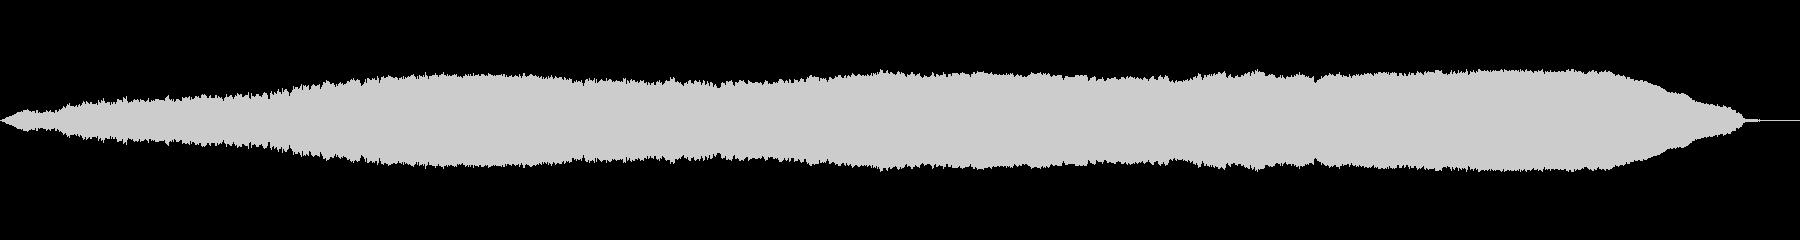 花火、ホイッスル1の未再生の波形